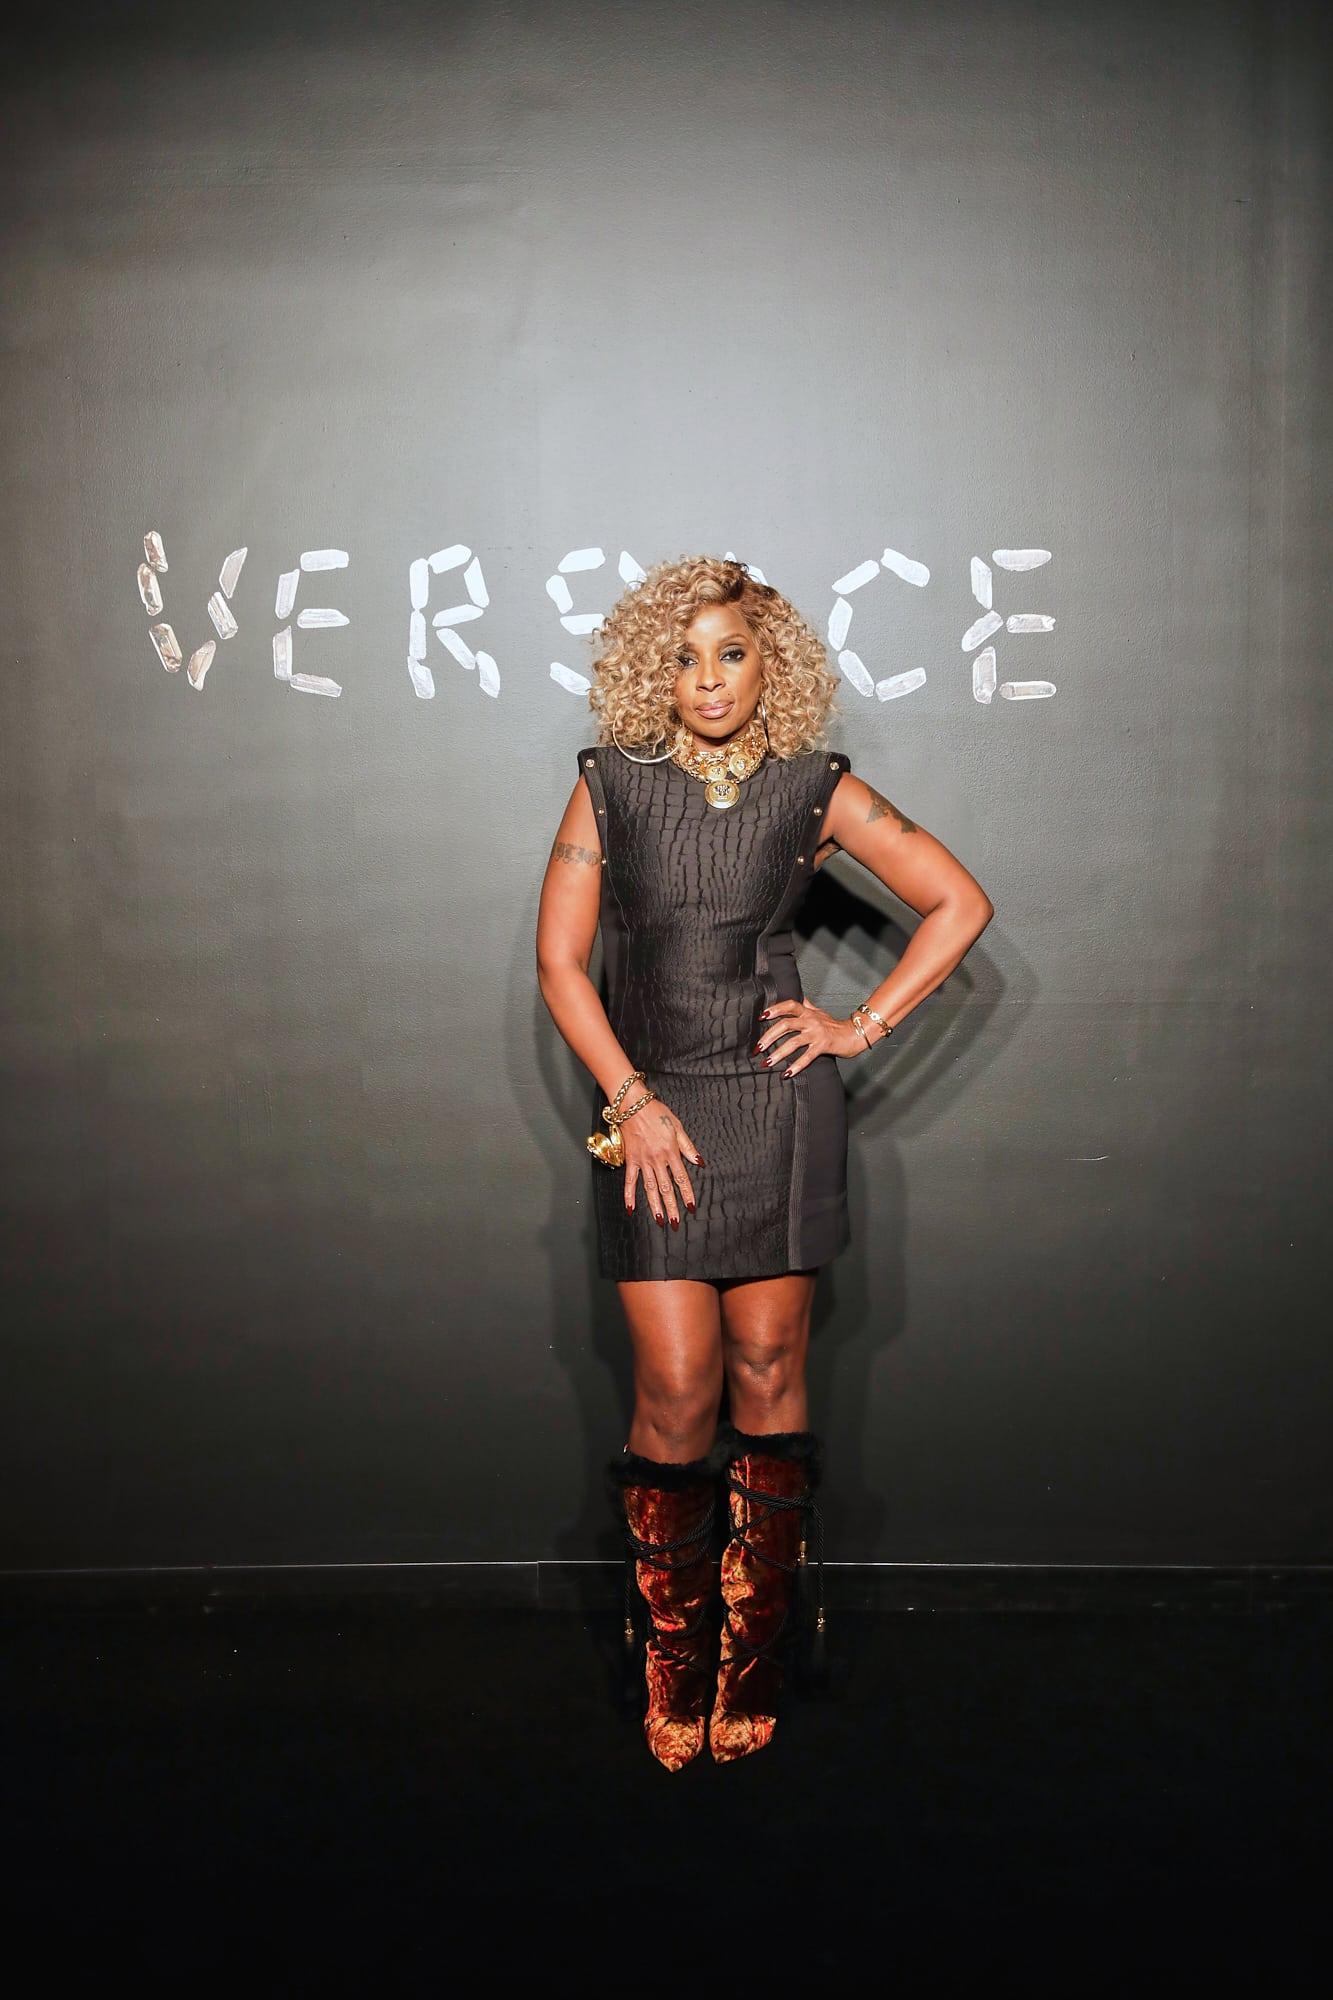 Bà hoàng nhạc R&B Mary J. Blidge cũng là khách mời danh dự tại show Versace lần này.